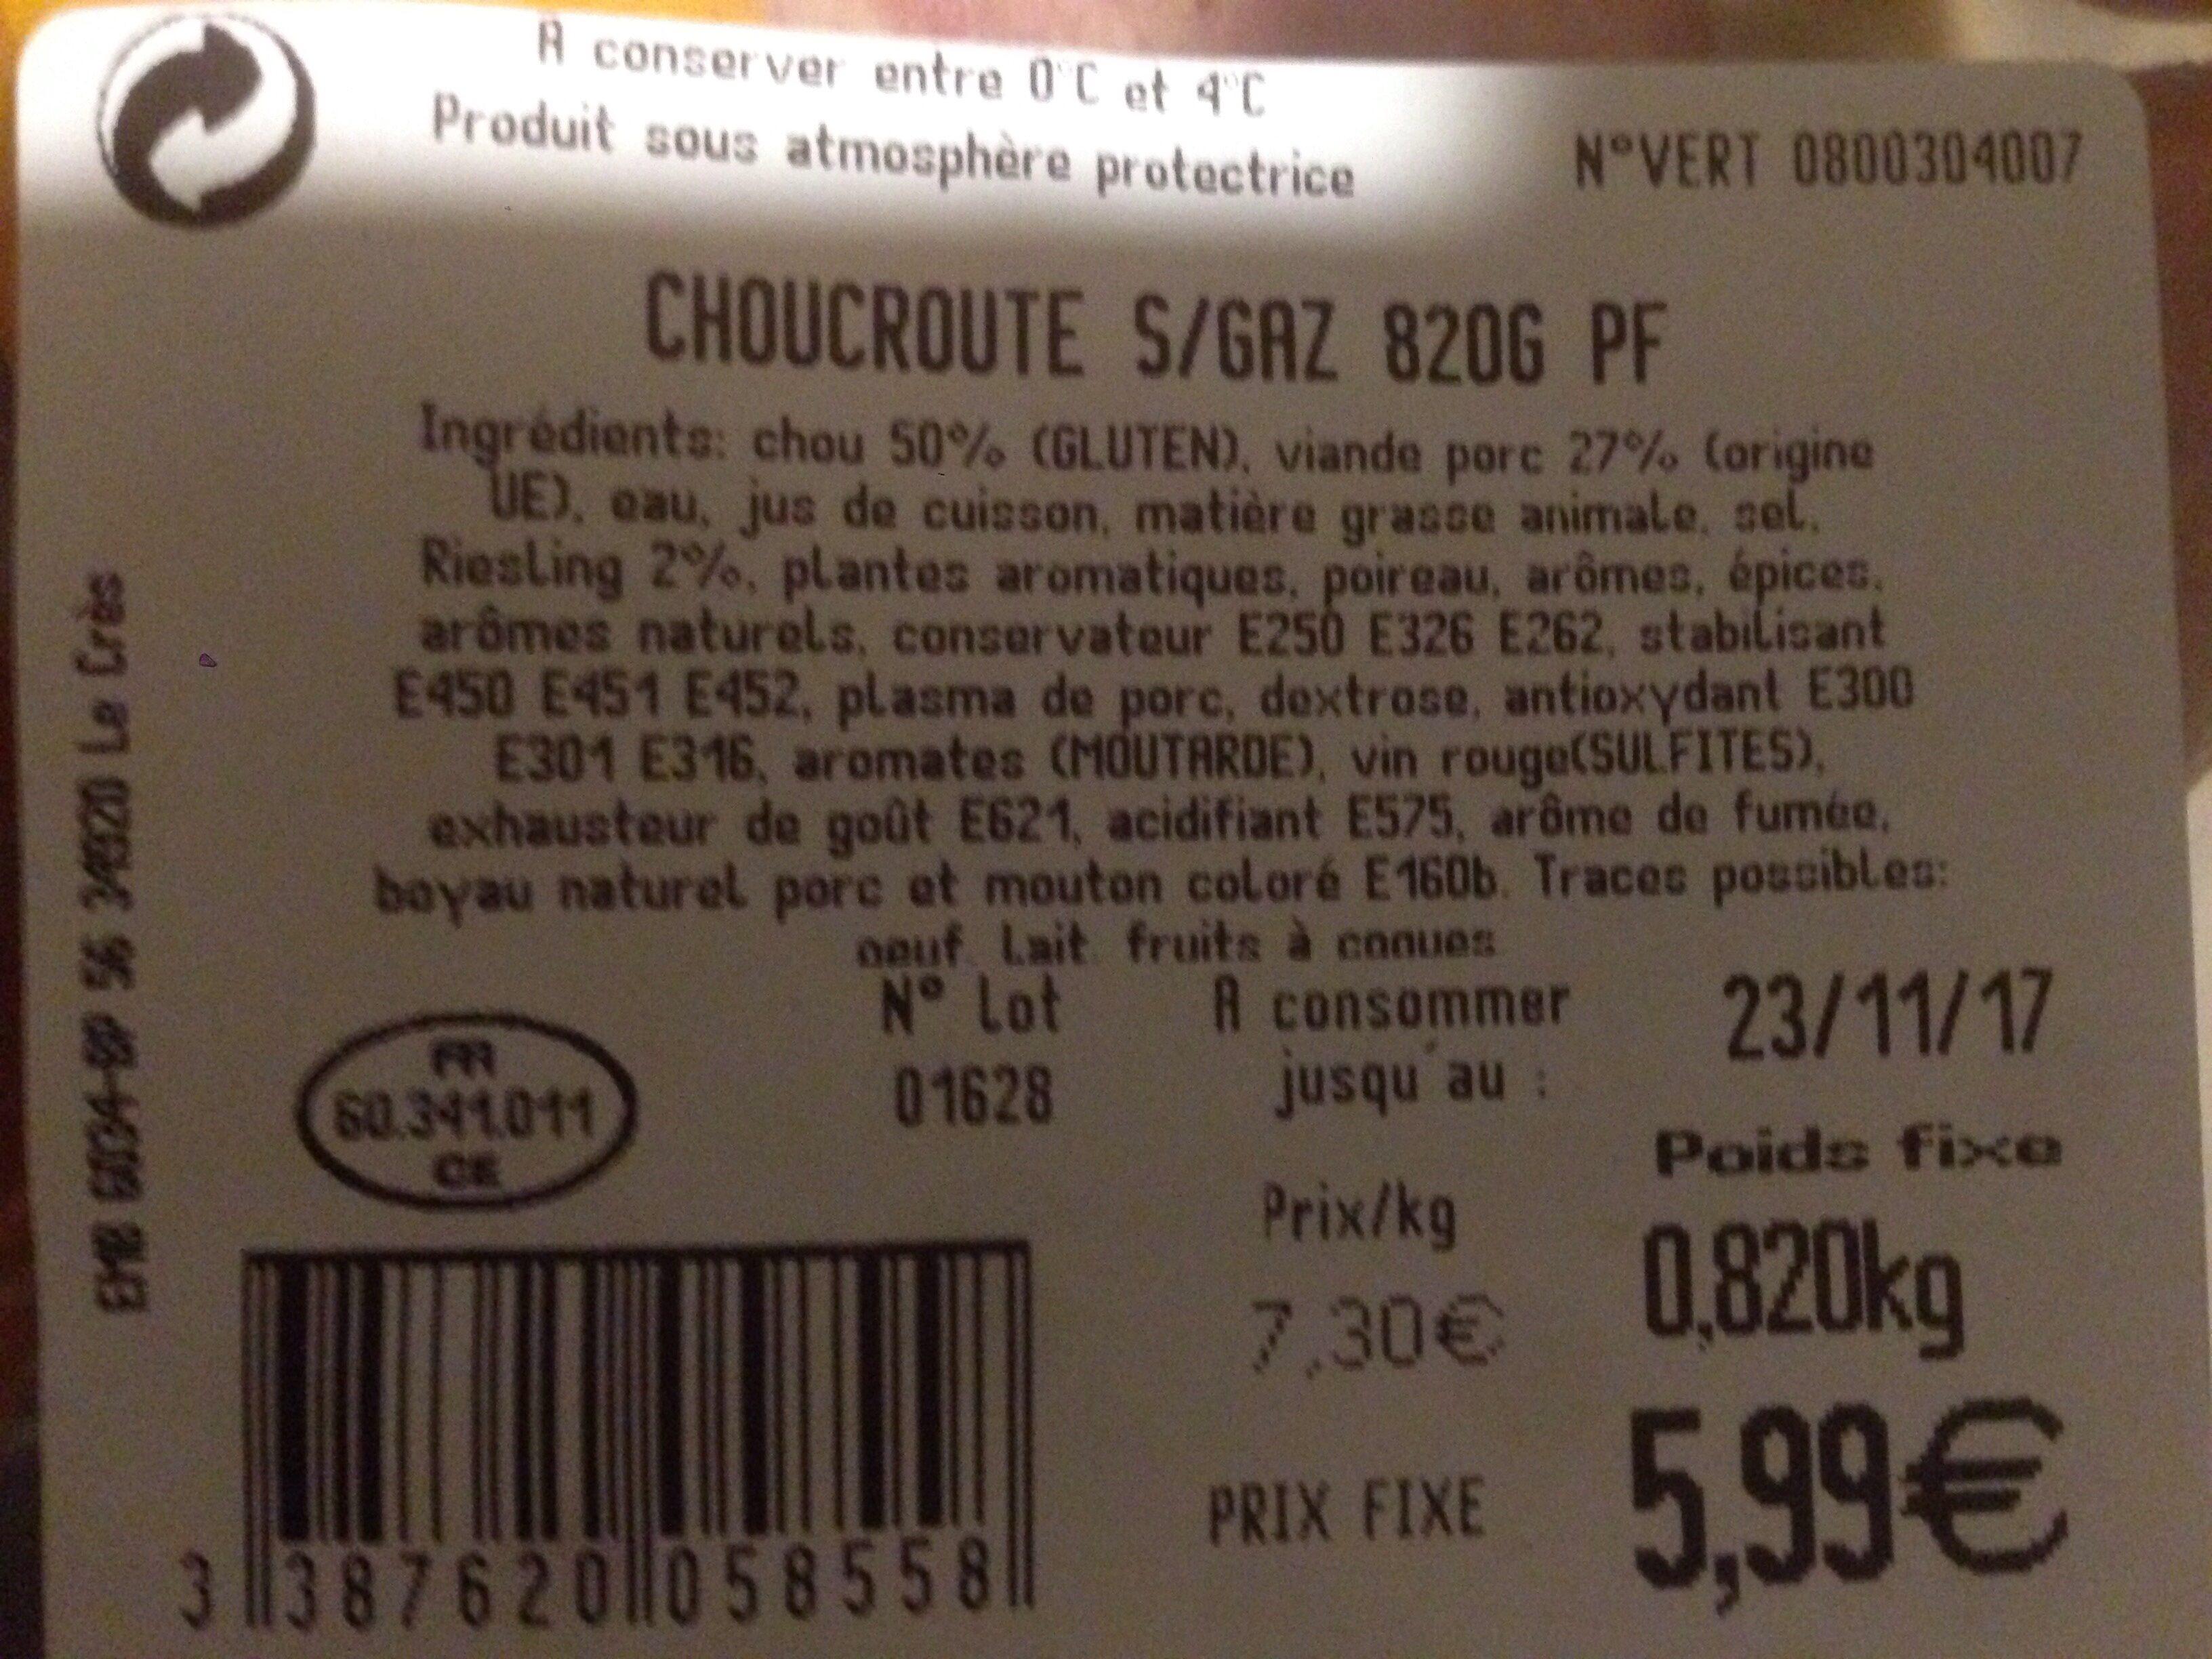 Choucroute gourmande - Ingrédients - fr